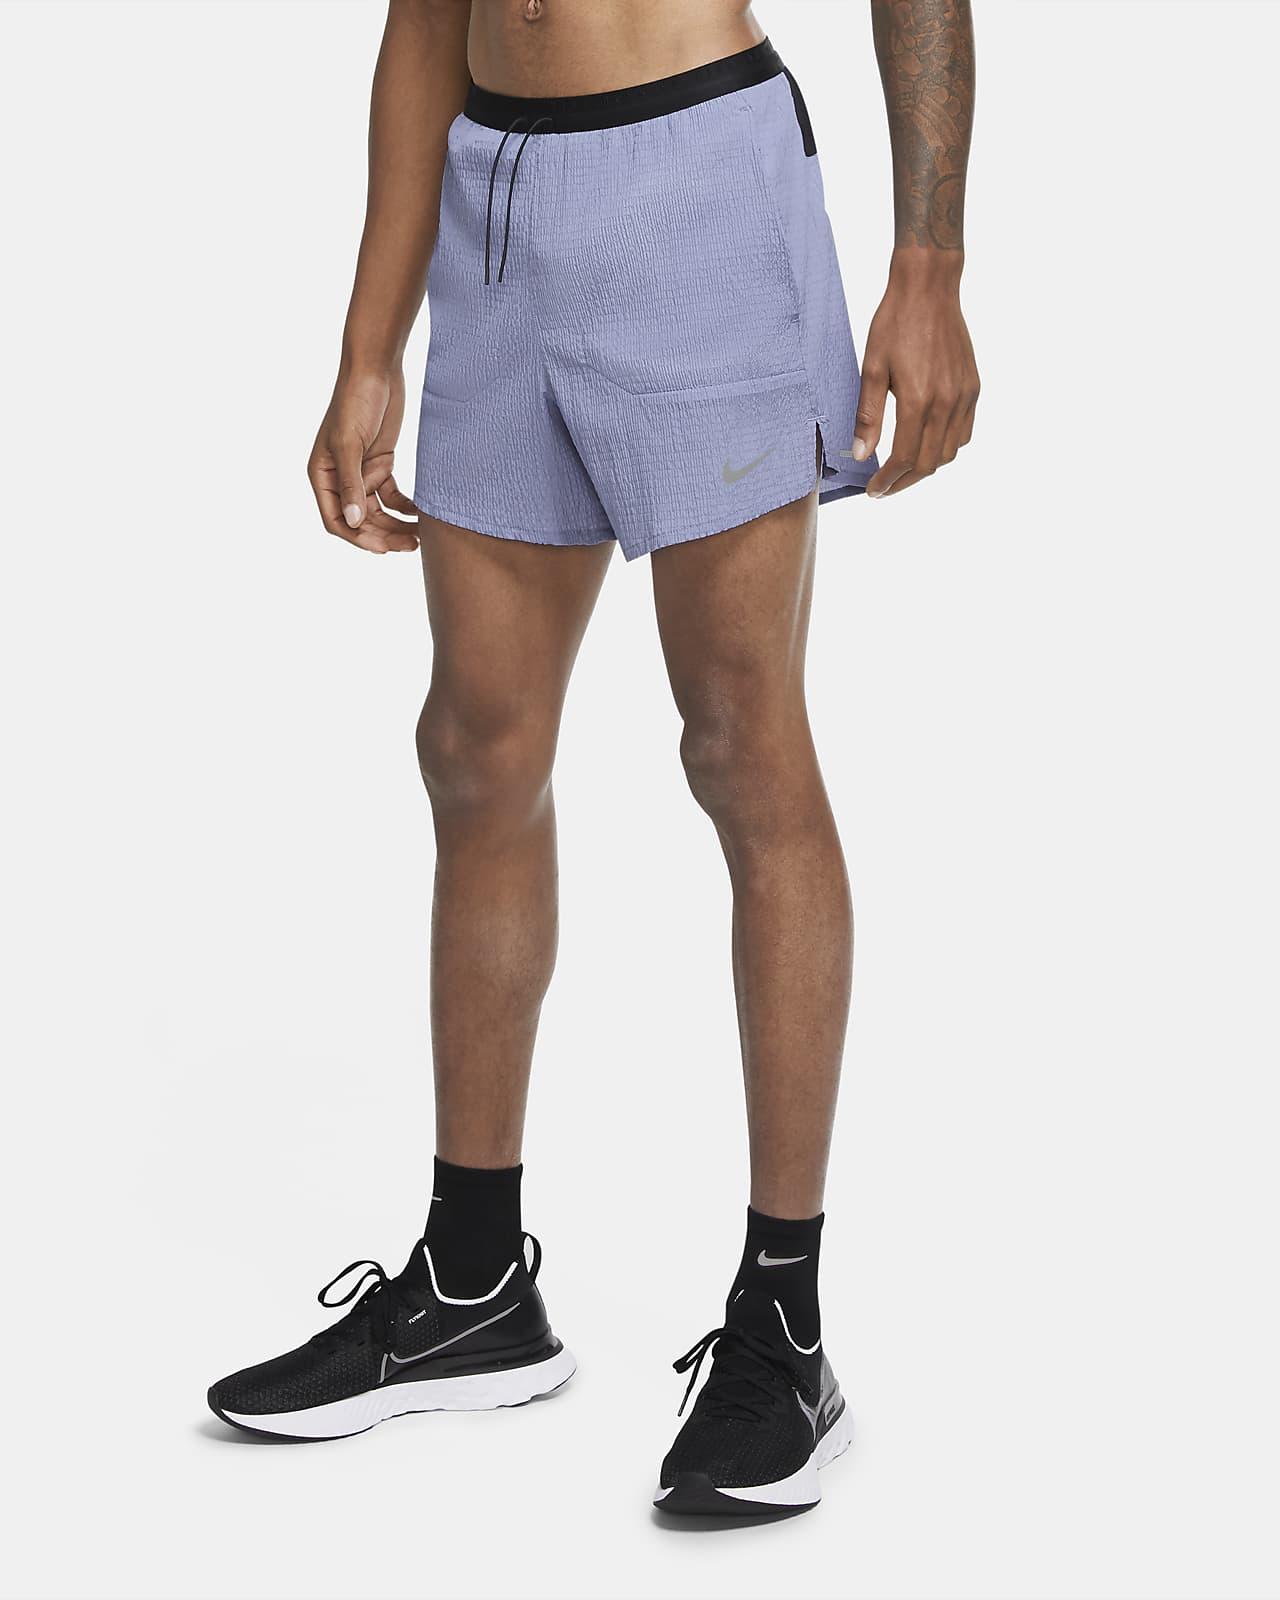 Nike Flex Stride Run Division Herren-Laufshorts